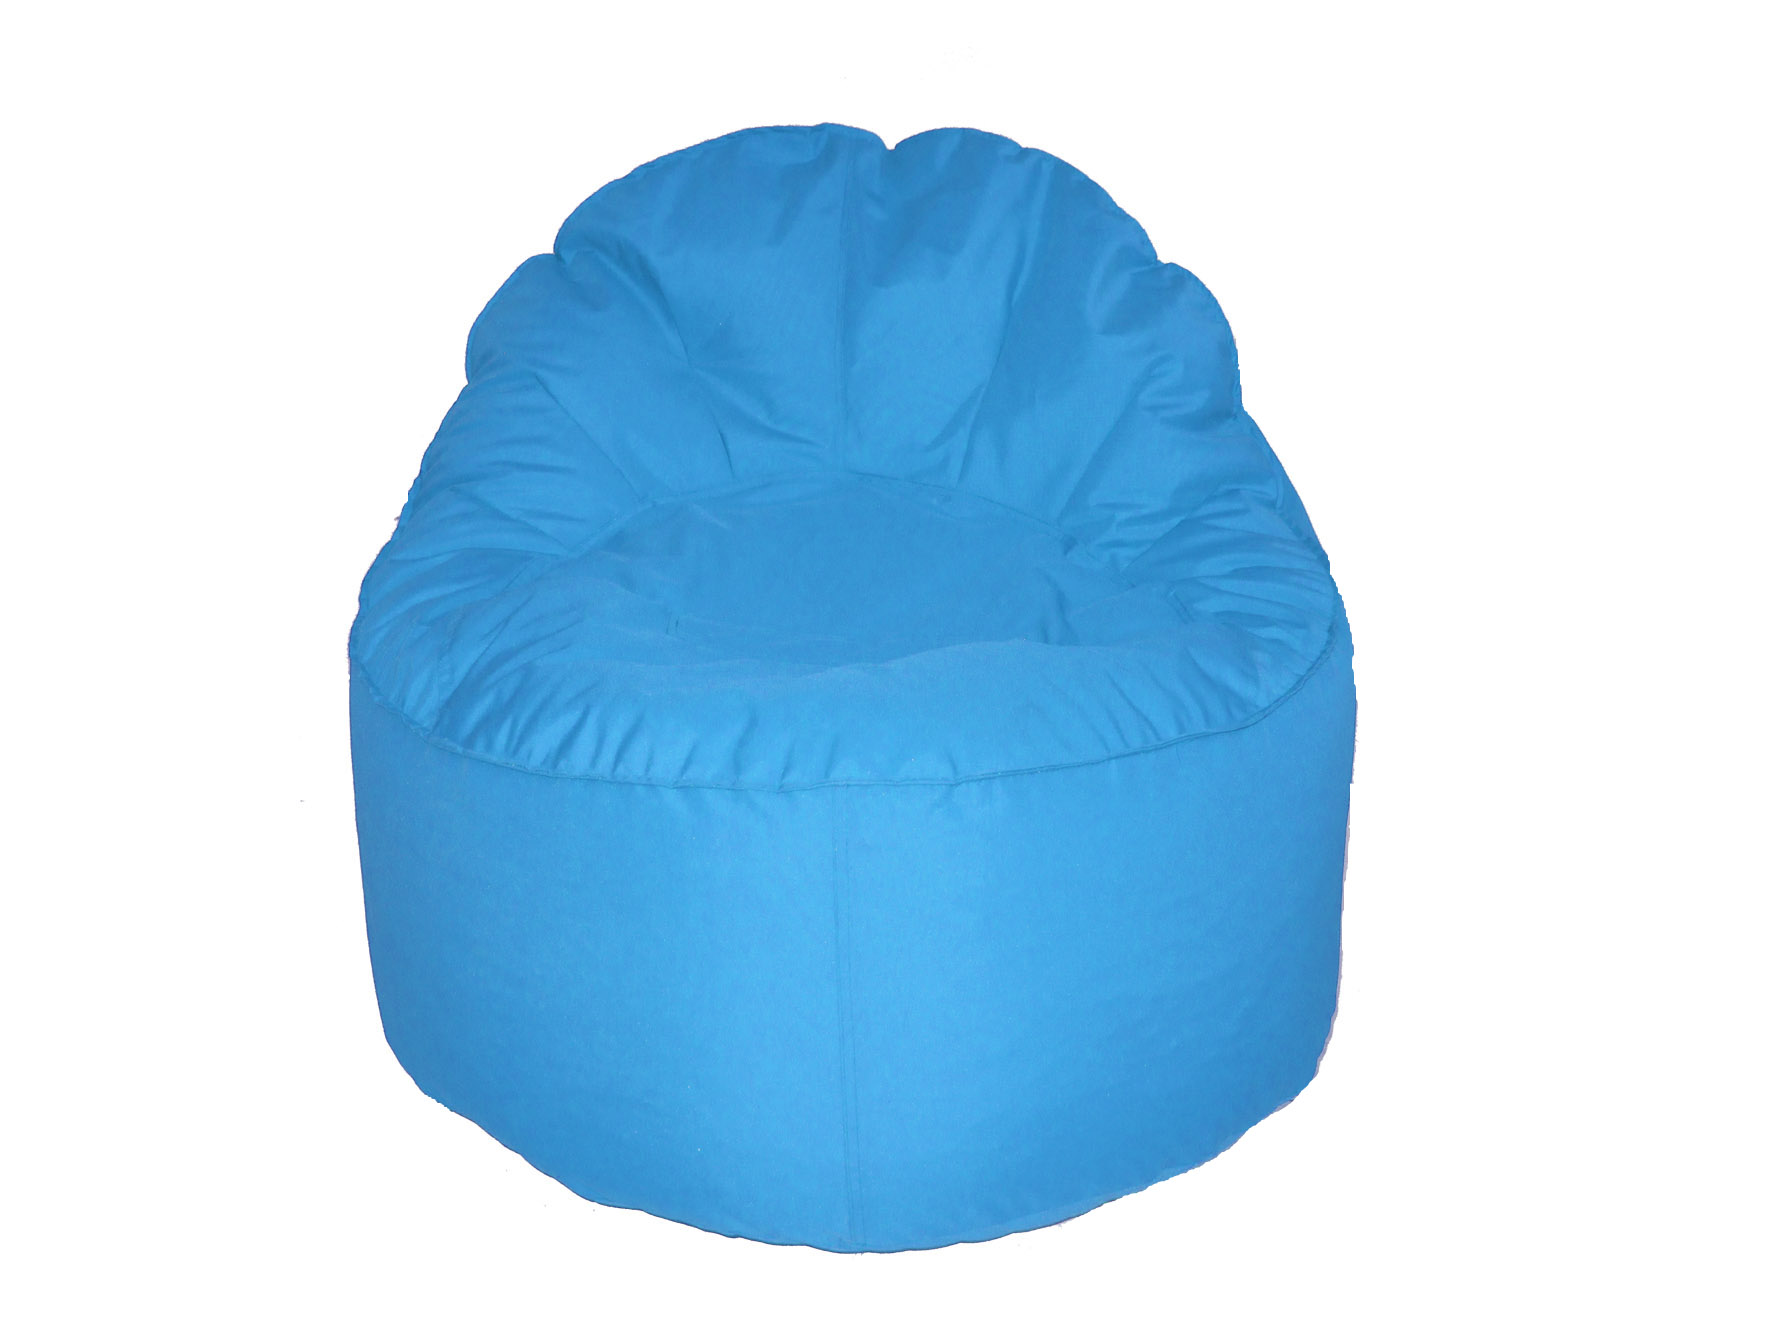 Pouf Fun (Bleu)